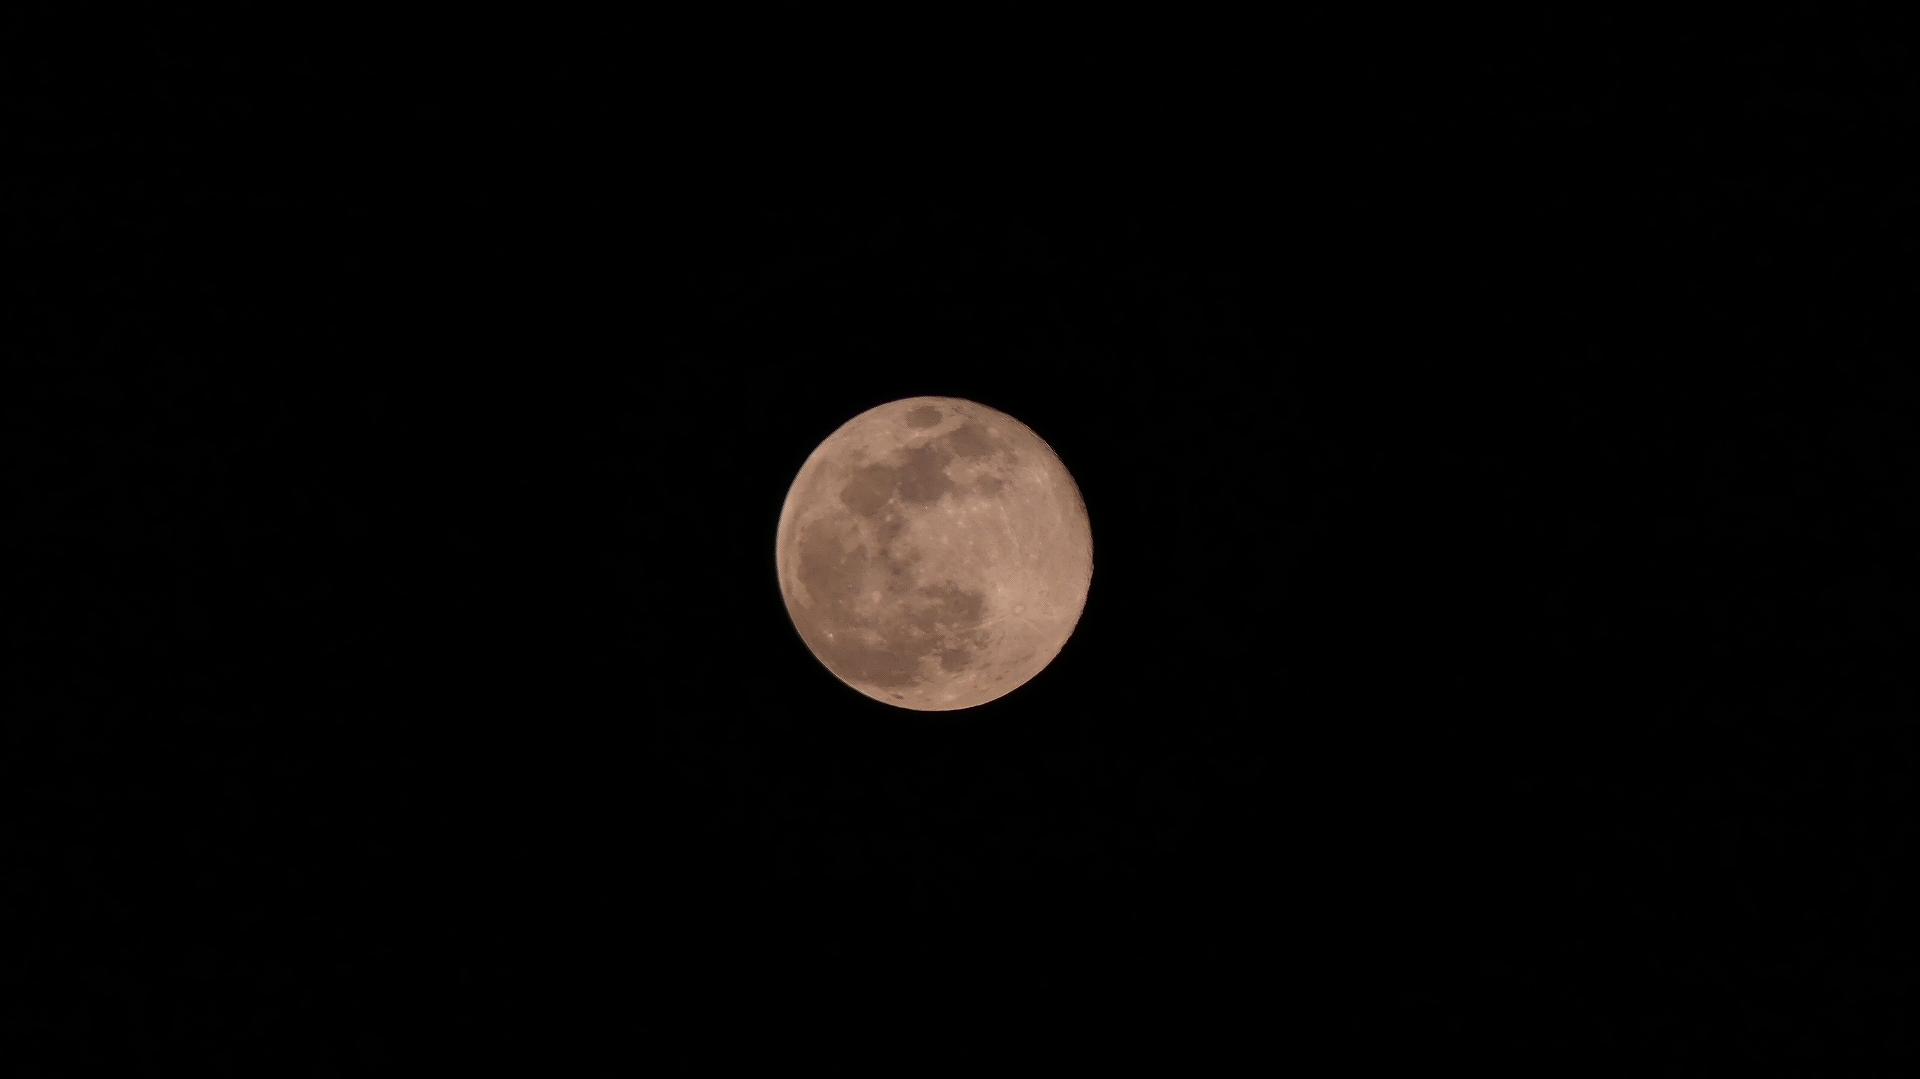 お月さまは知っている_a0185081_20514179.jpg